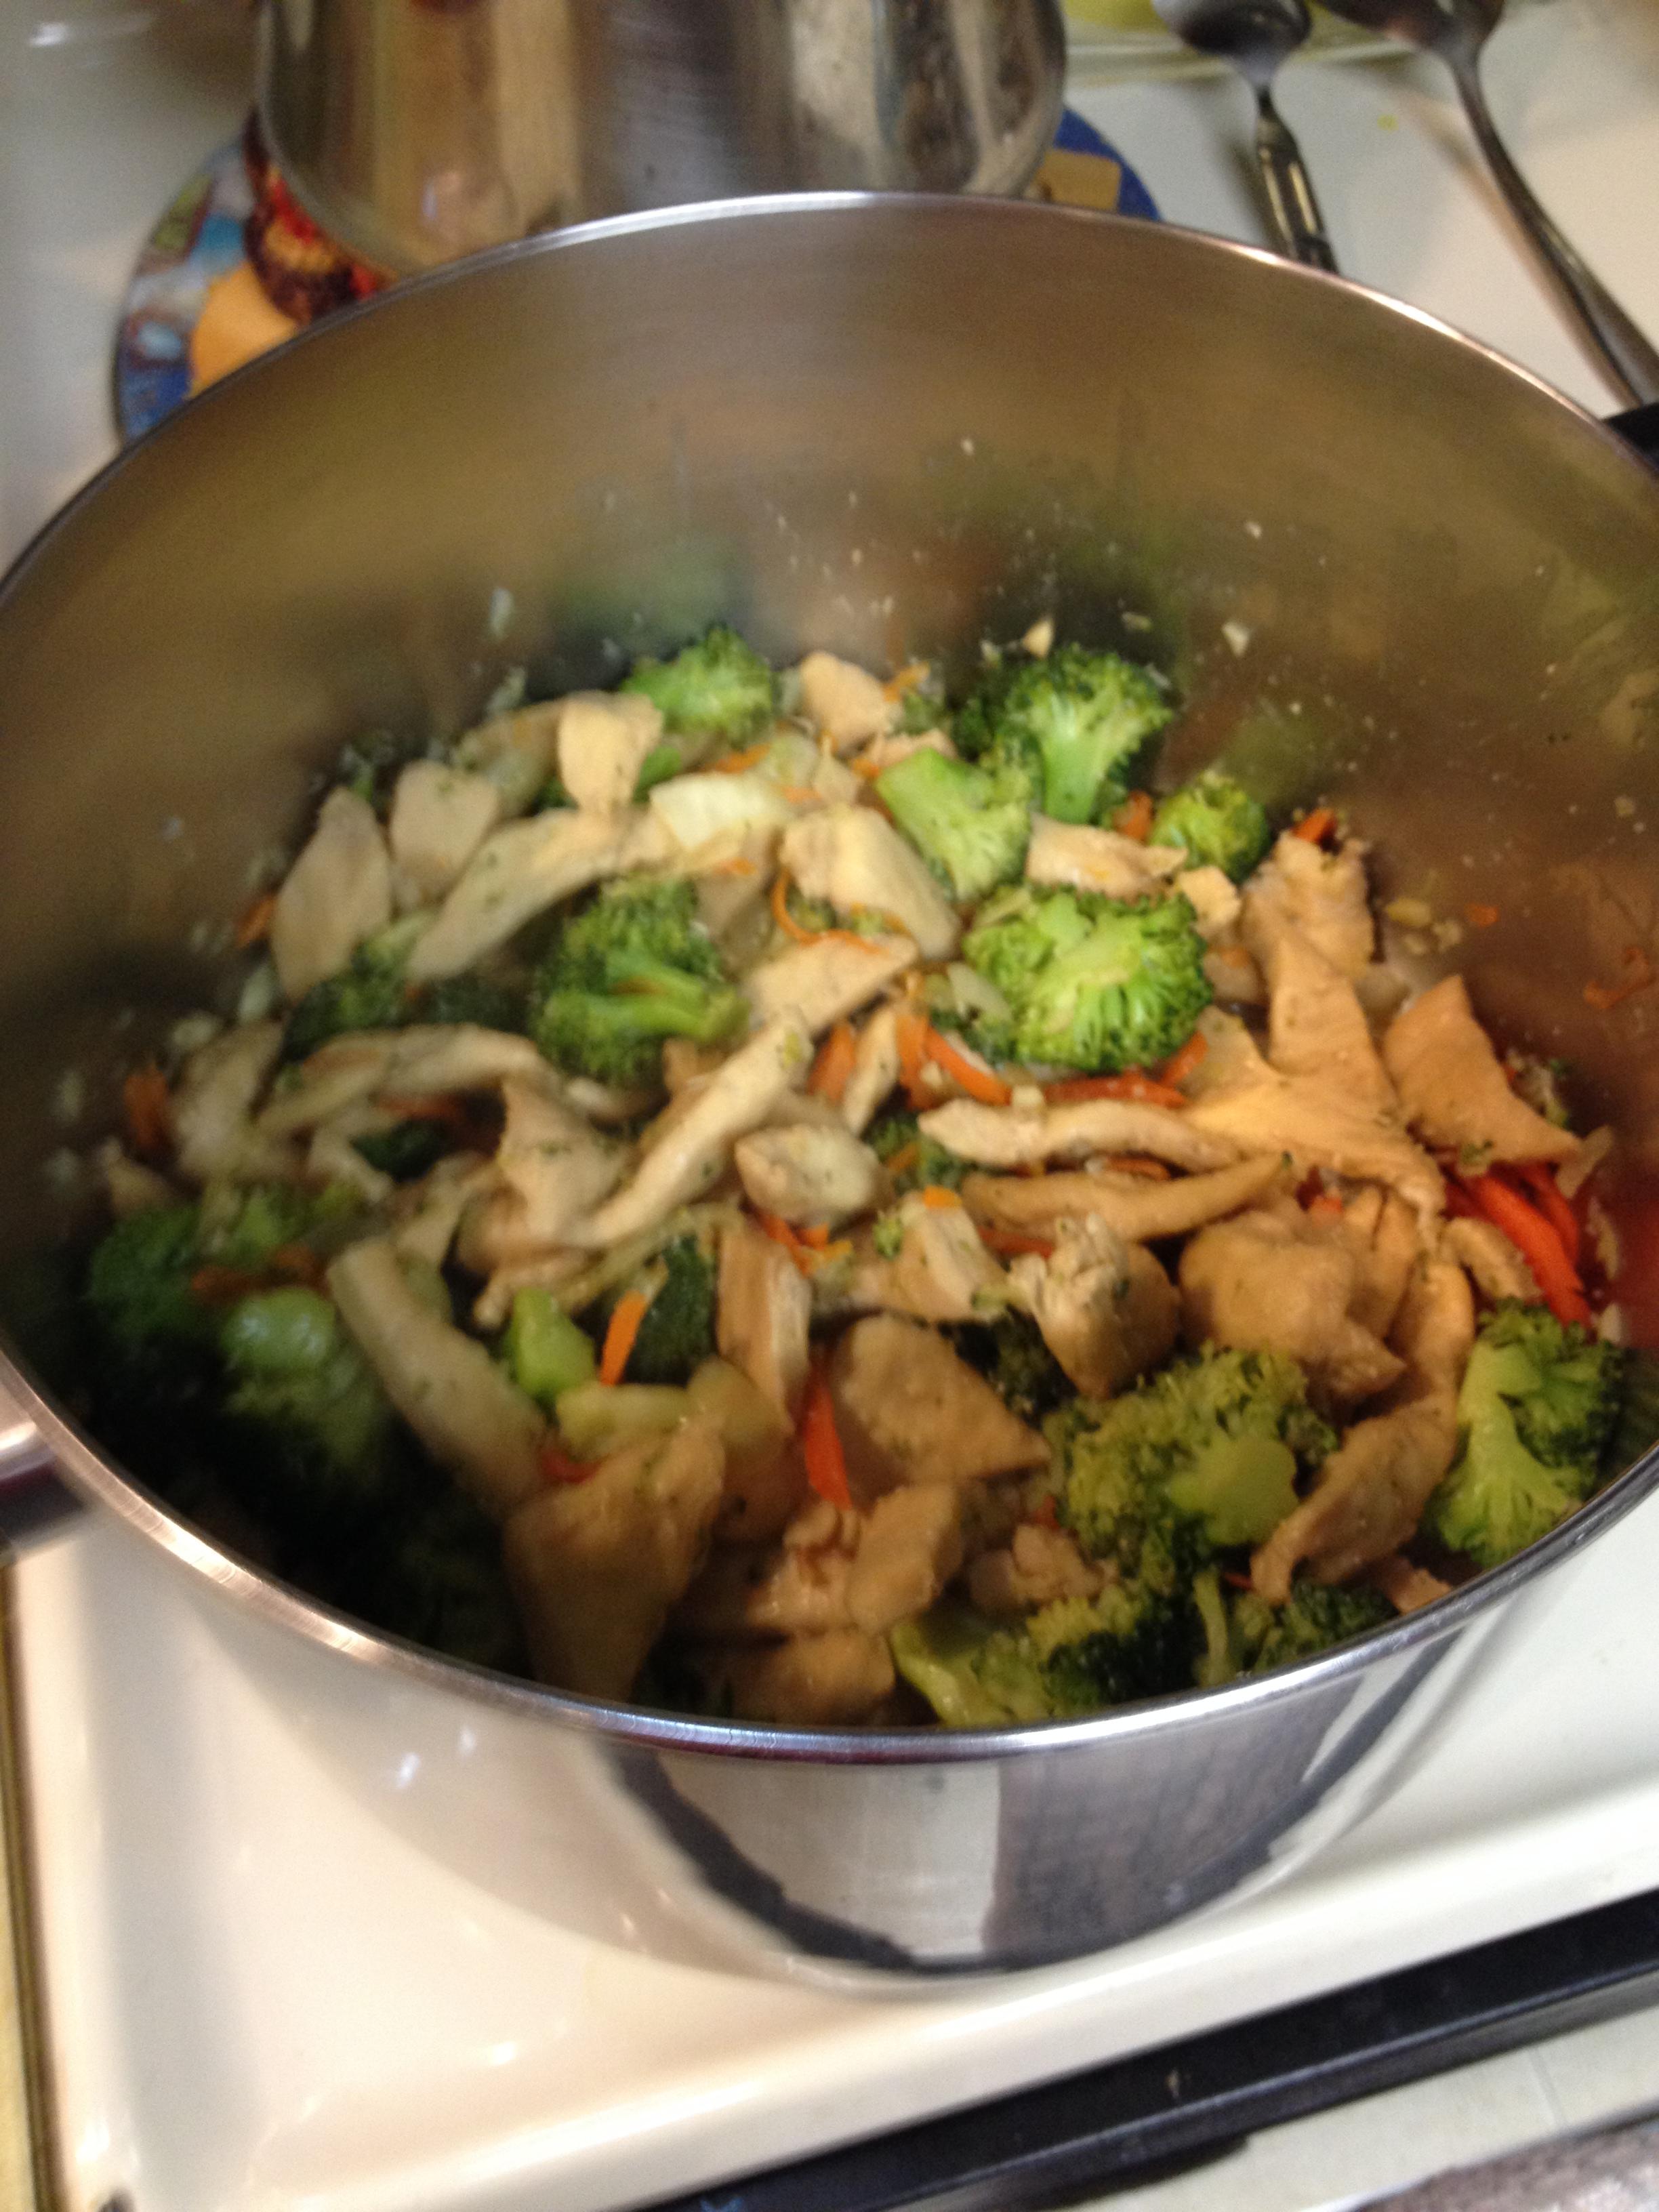 Homemade stir fry